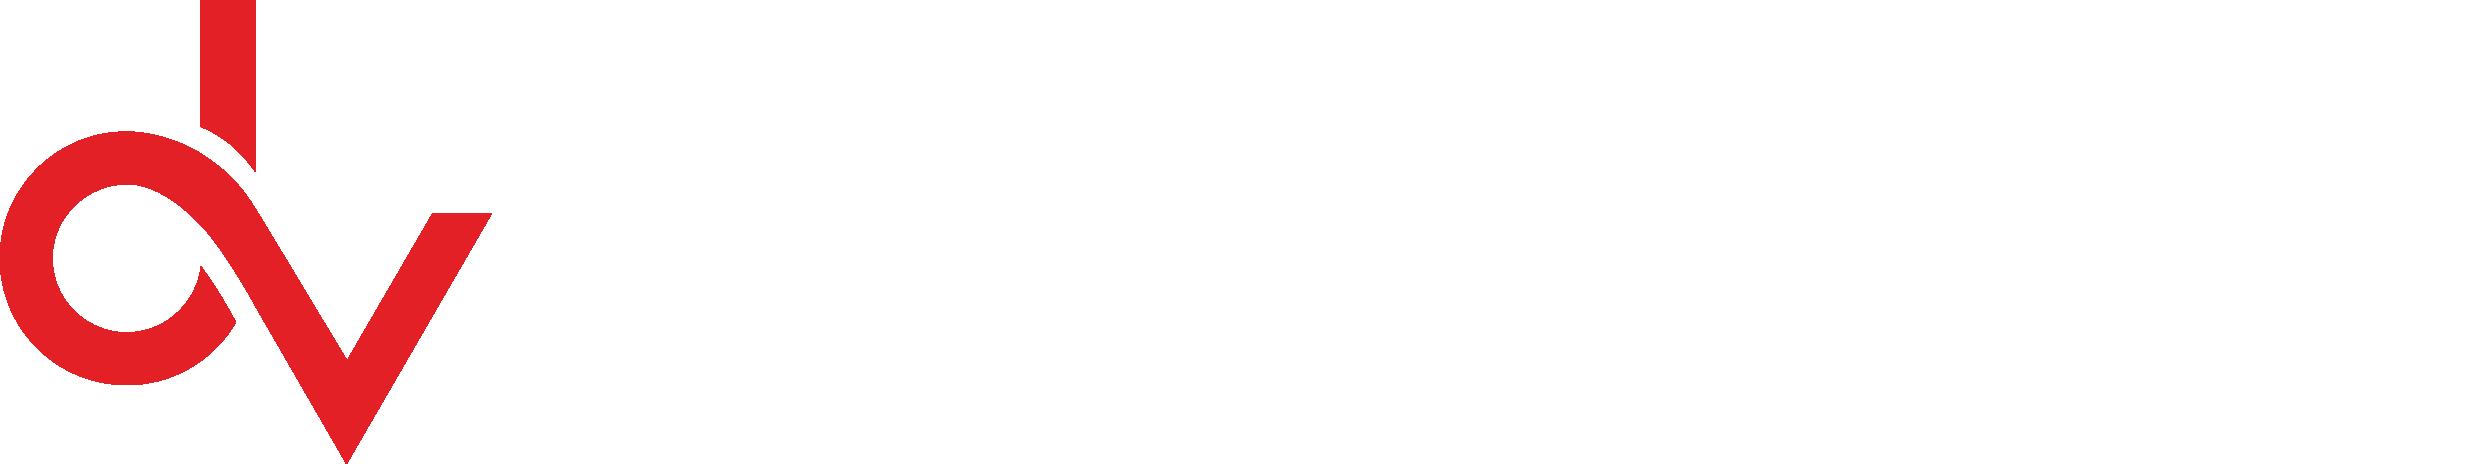 Datavision Logo wht.png